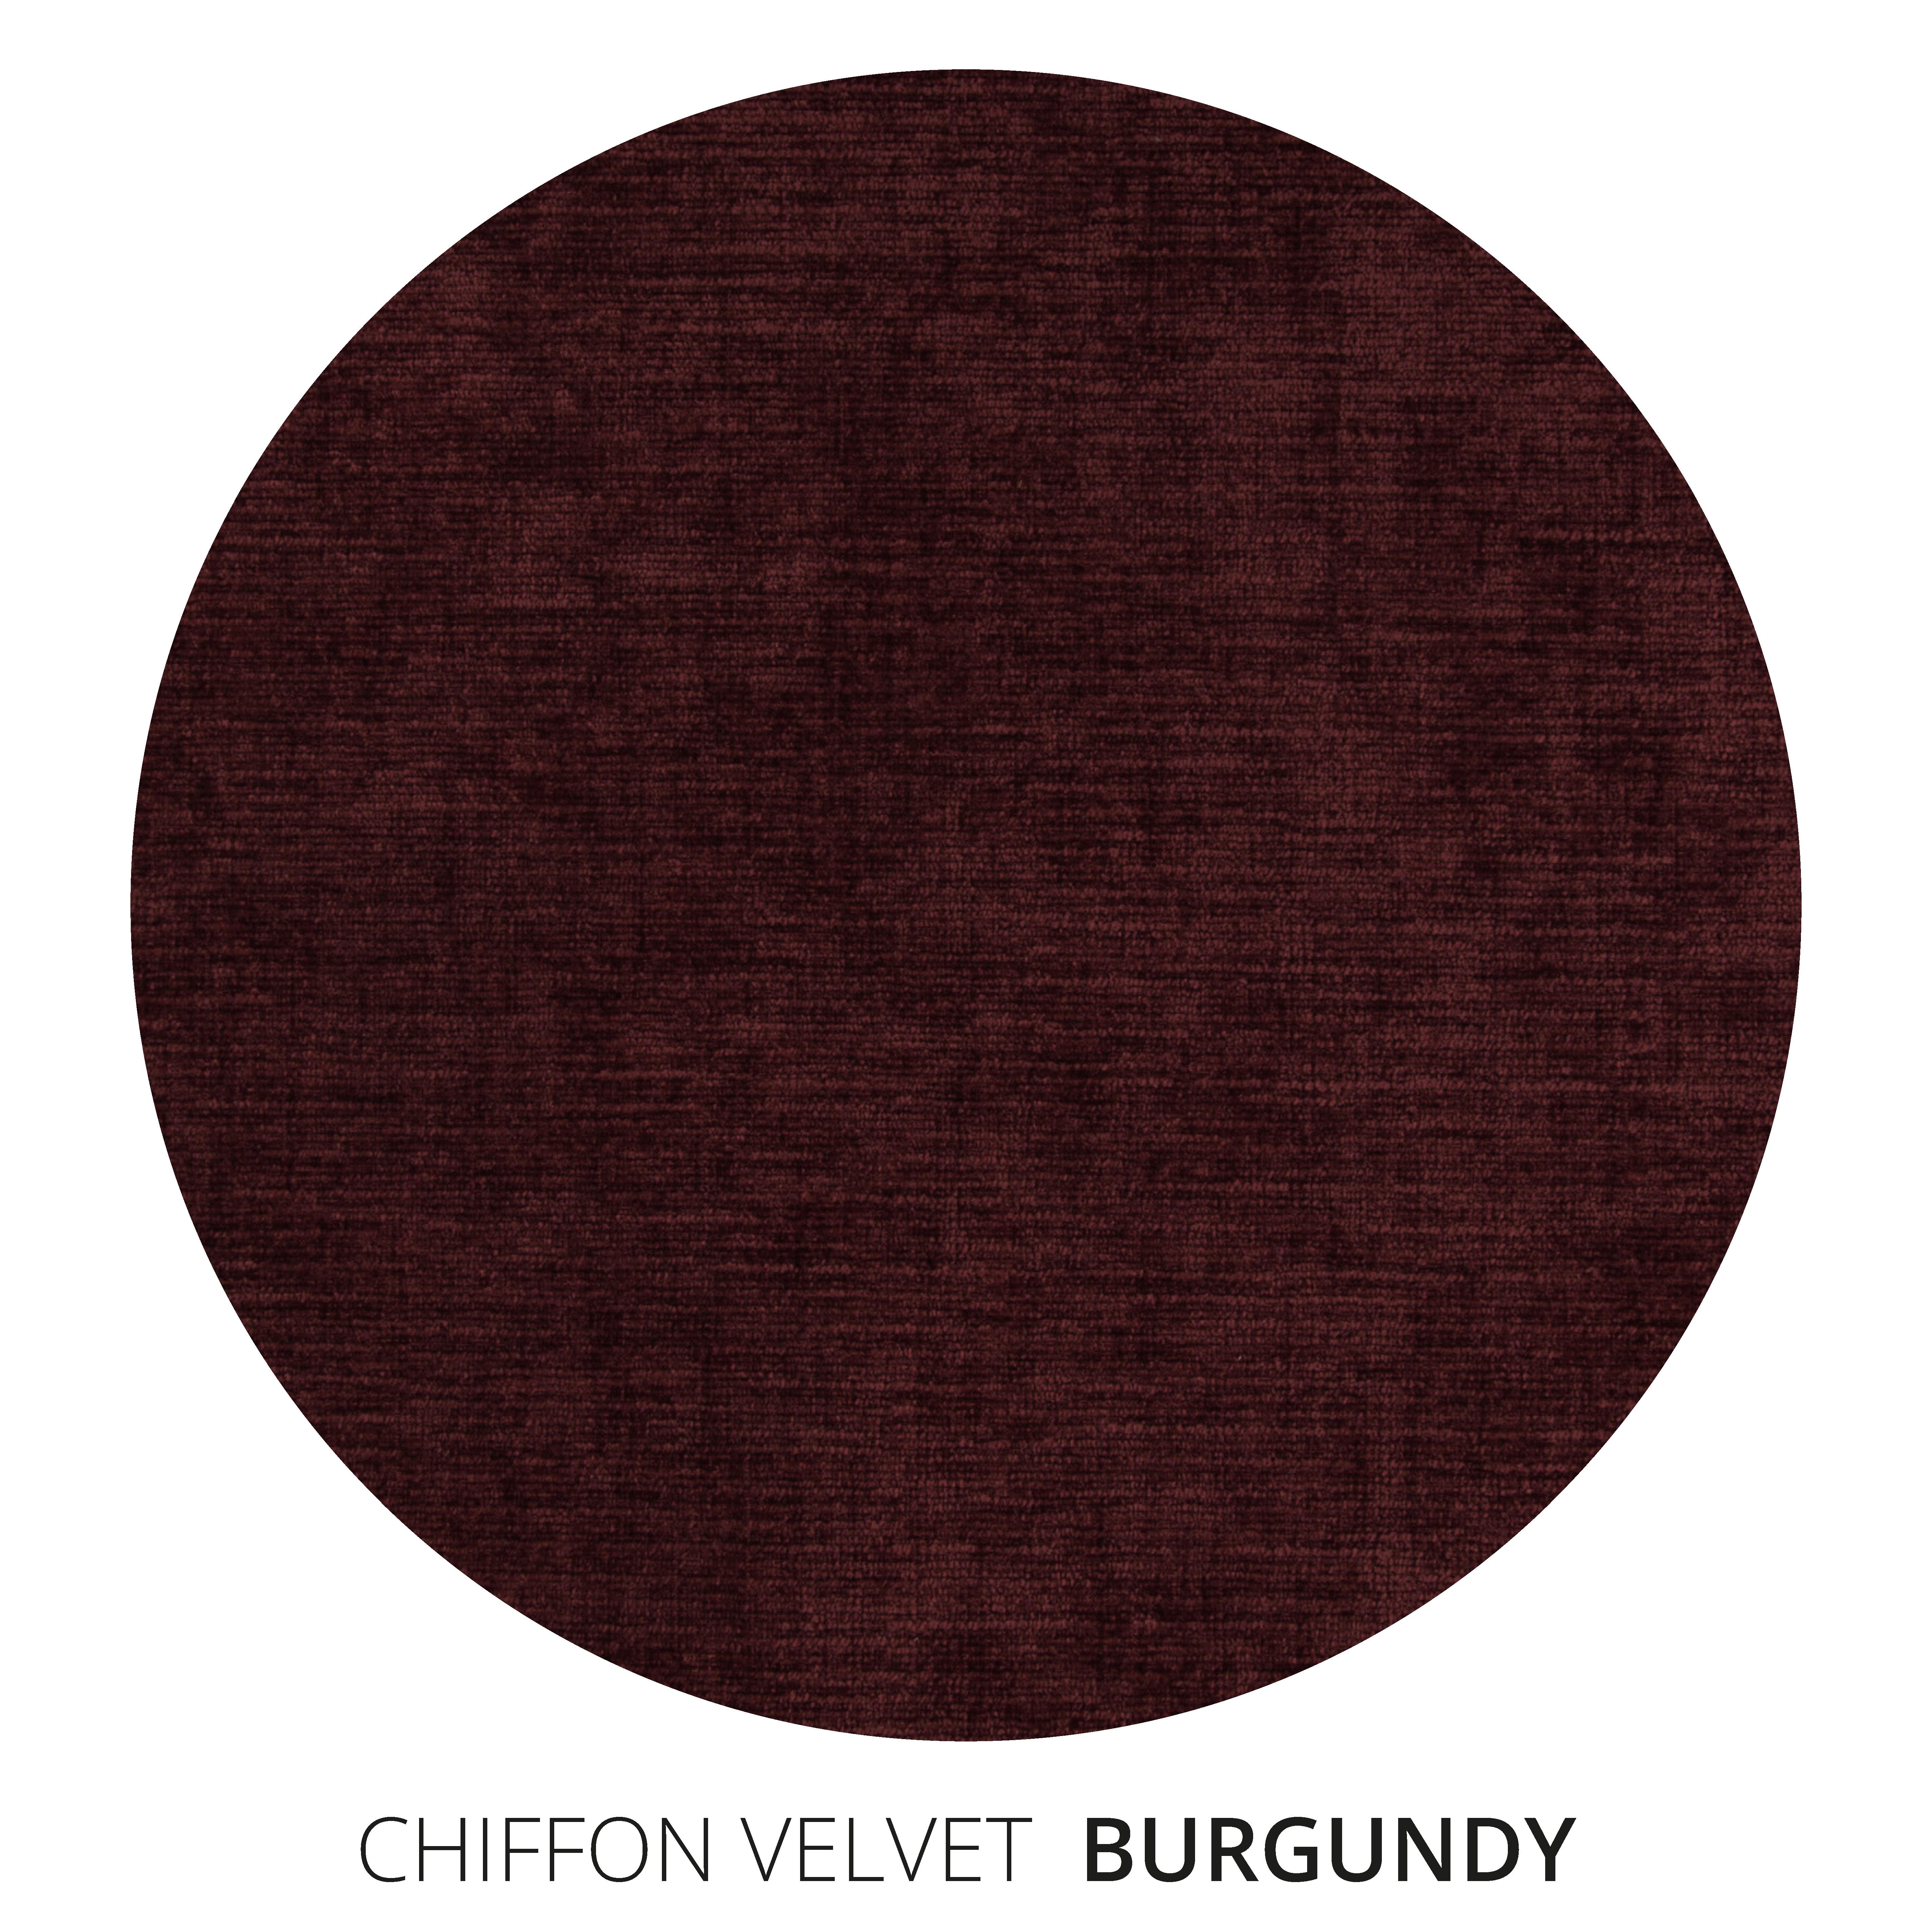 Burgundy Chiffon Velvet Swatch